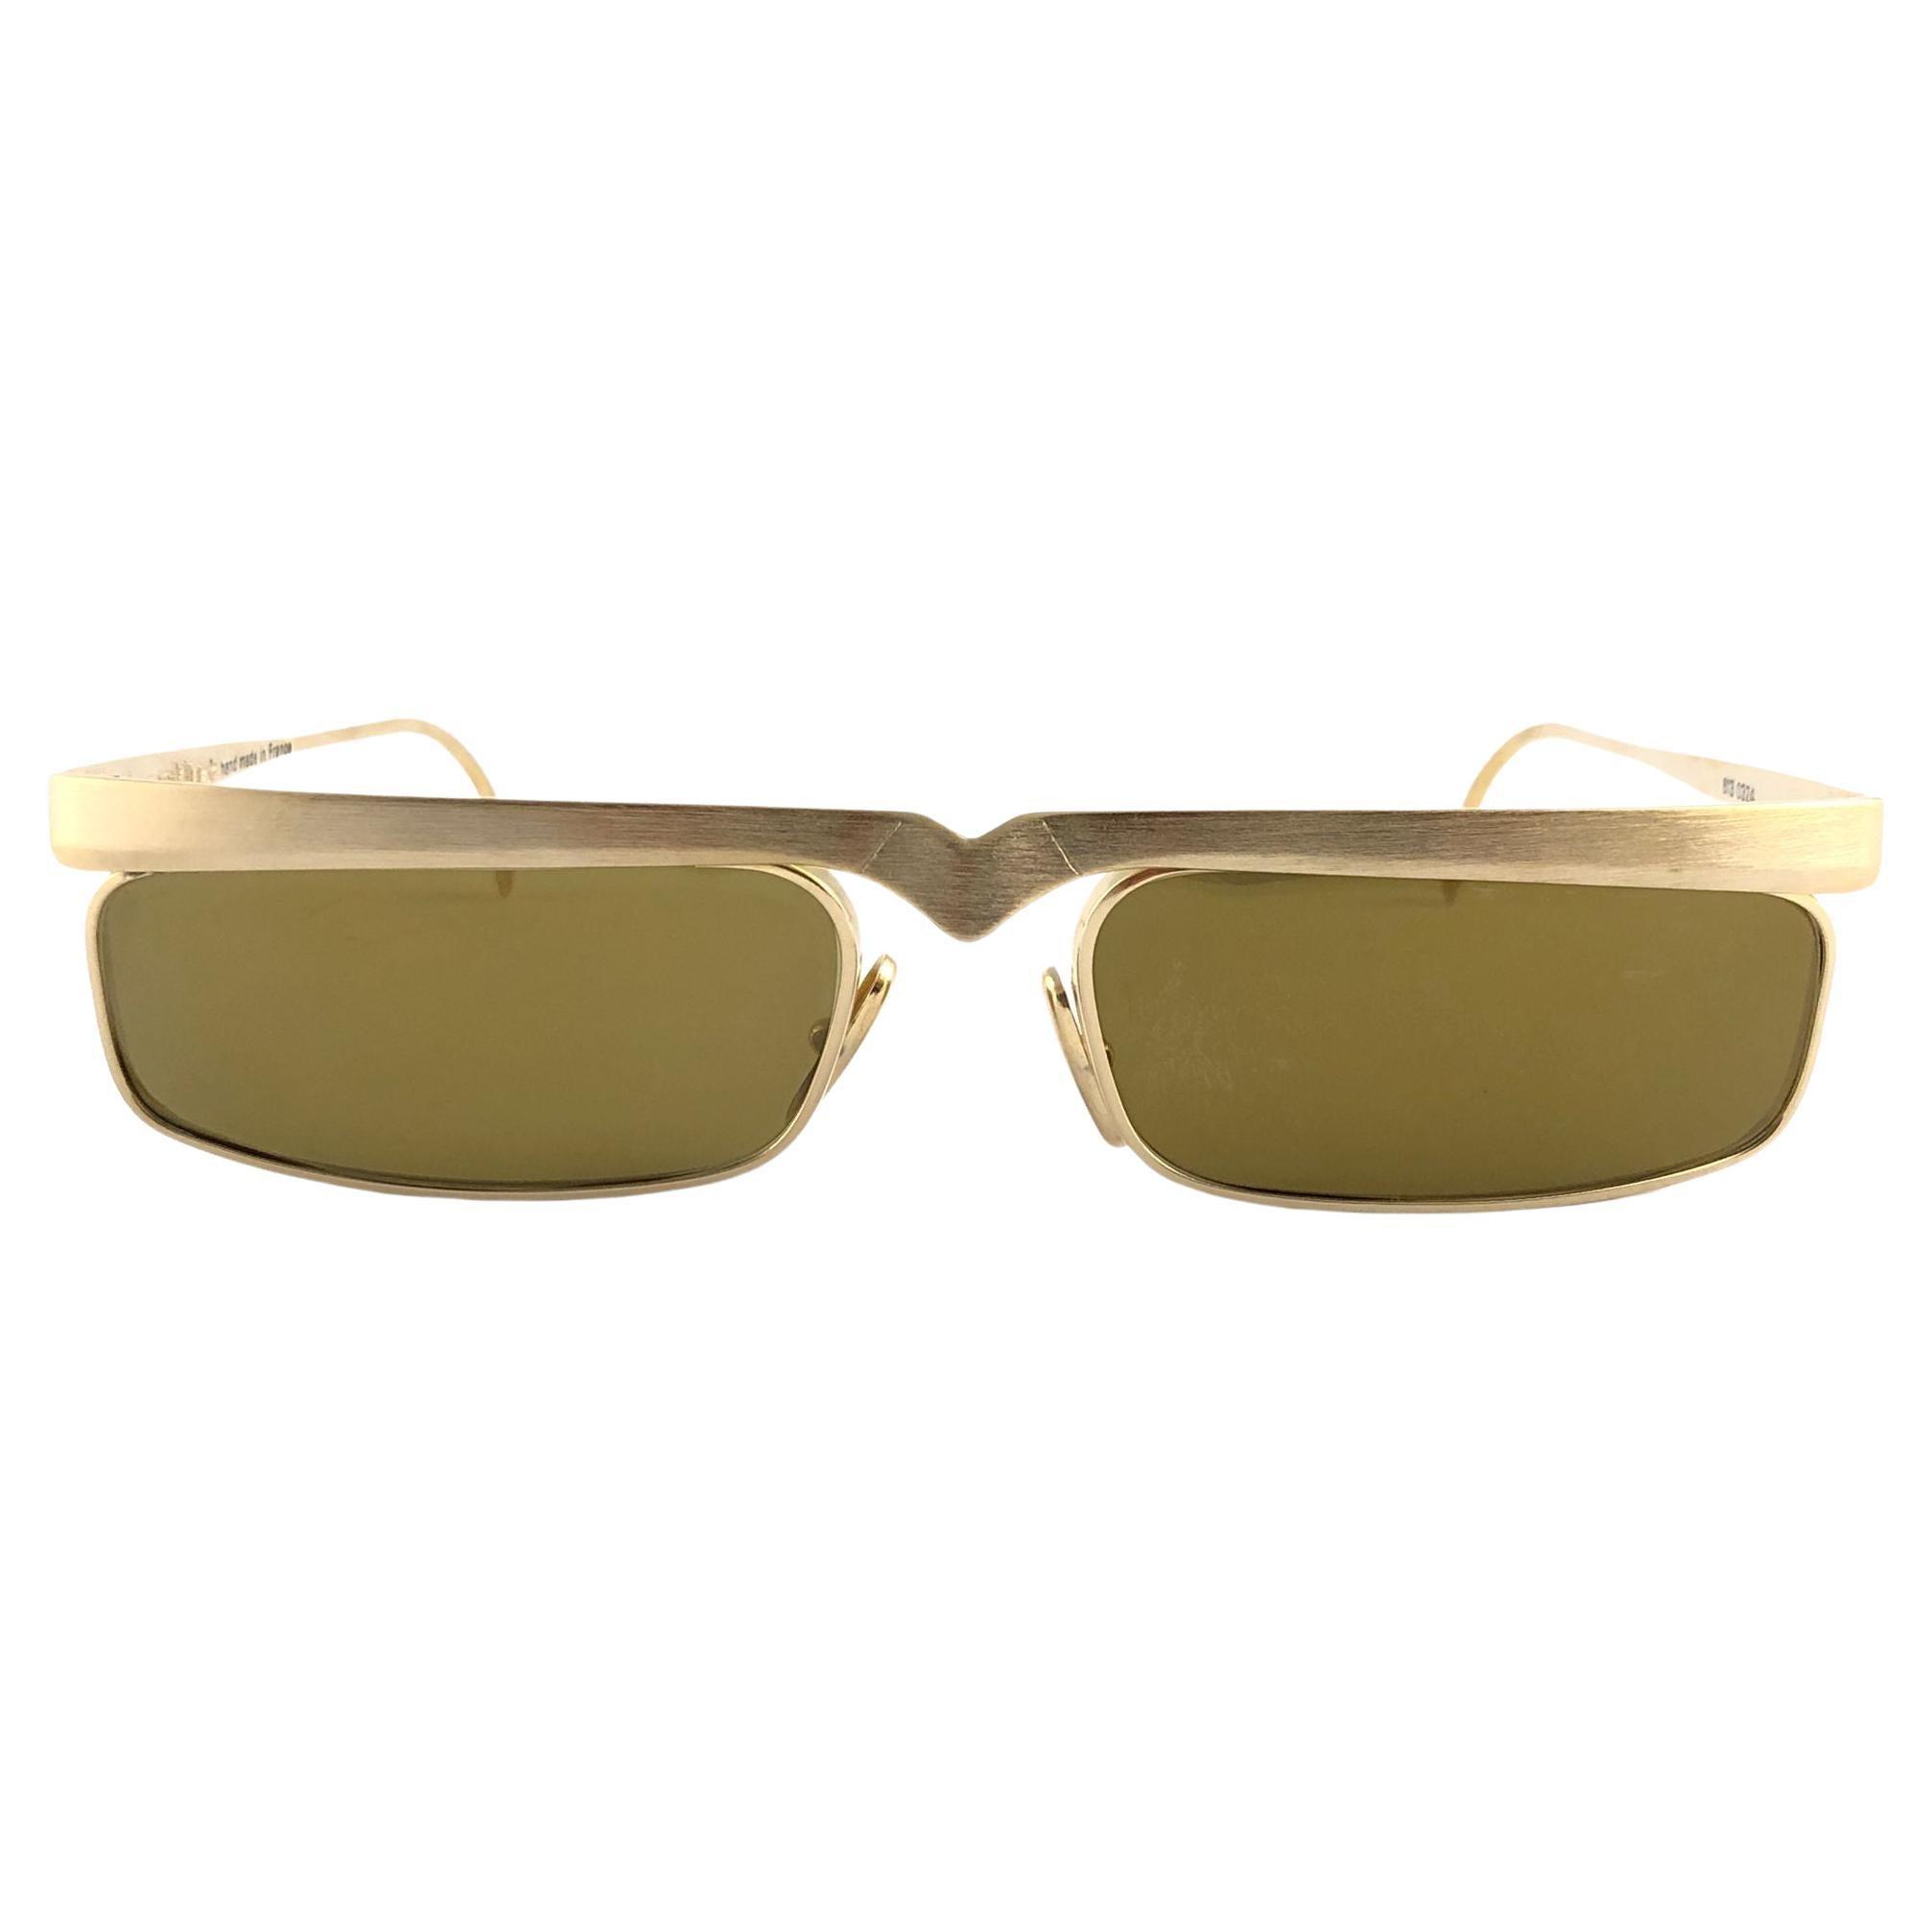 New Vintage Alain Mikli Matte Brushed Gold 613 Made in France Sunglasses 1980's